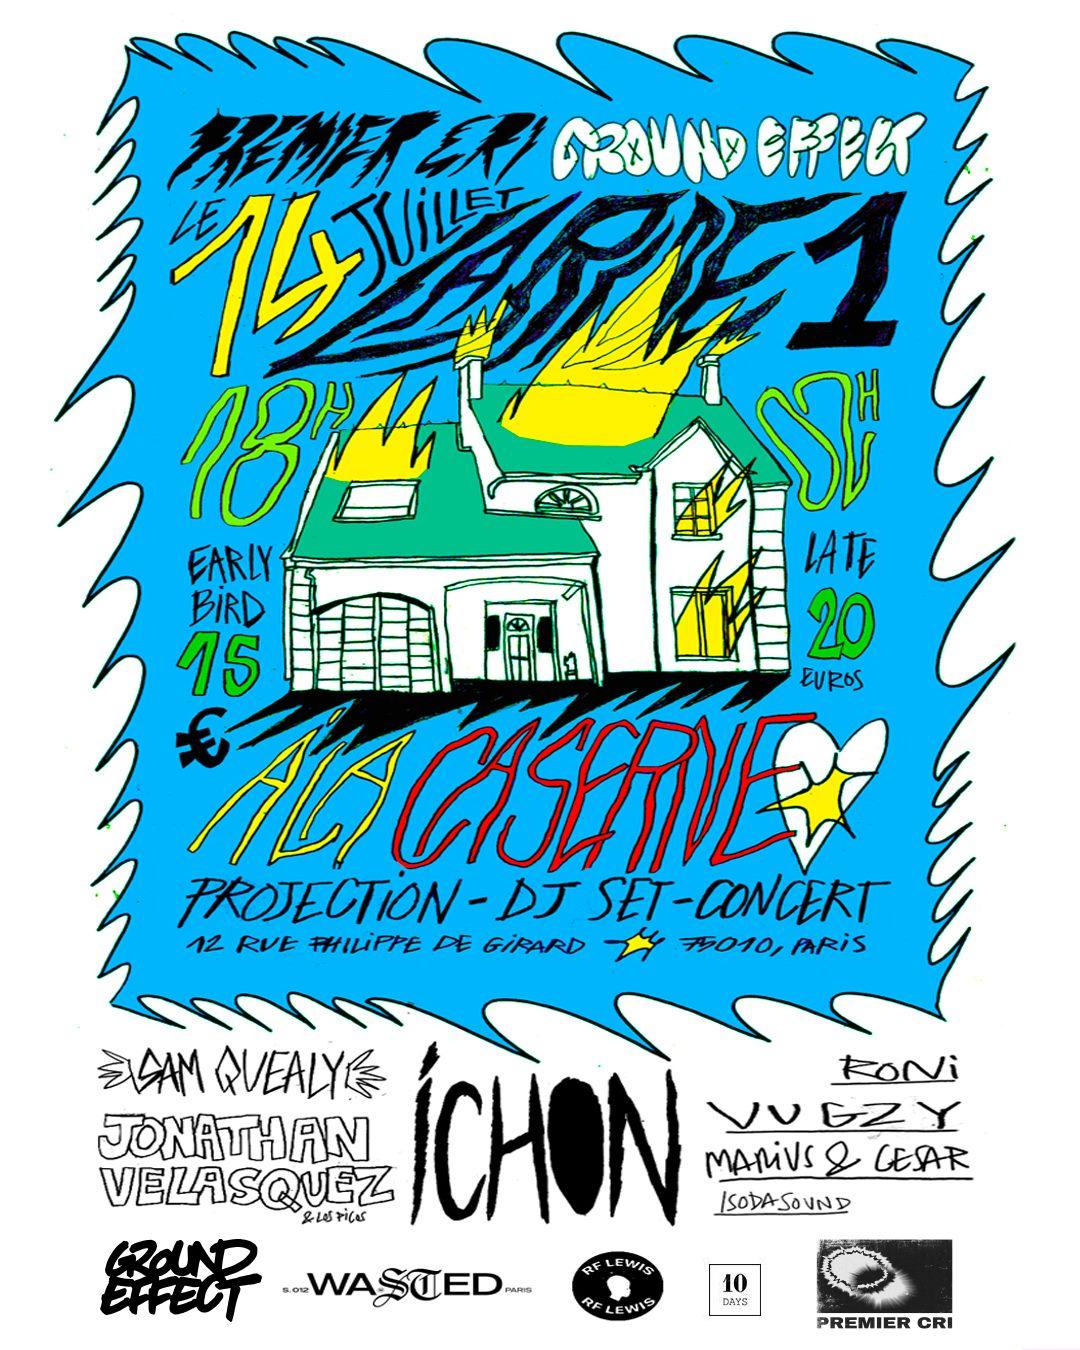 """Invitations for """"La Ride 001″ by Premier Cri x Ground Effect at La Caserne"""